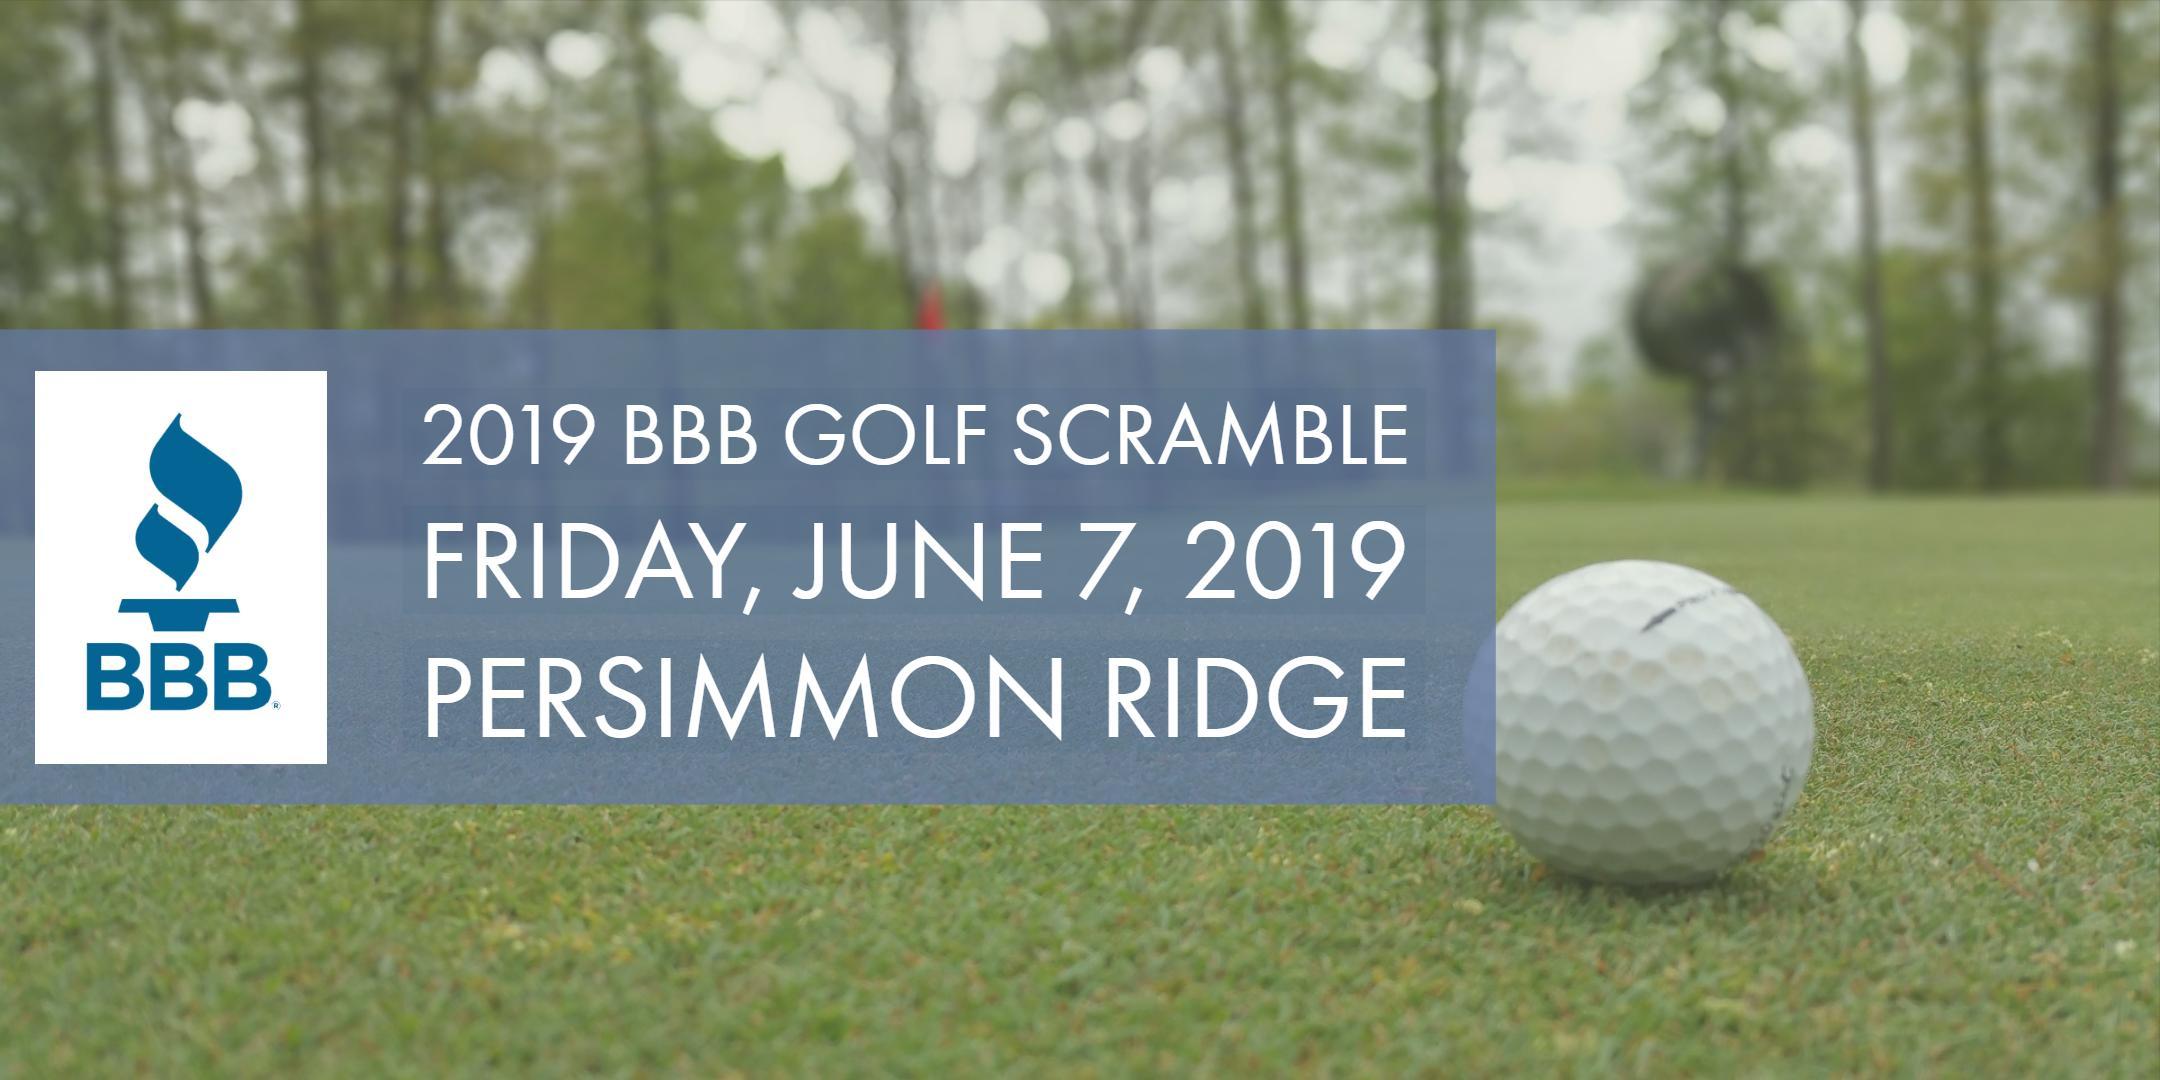 2019 BBB Golf Scramble